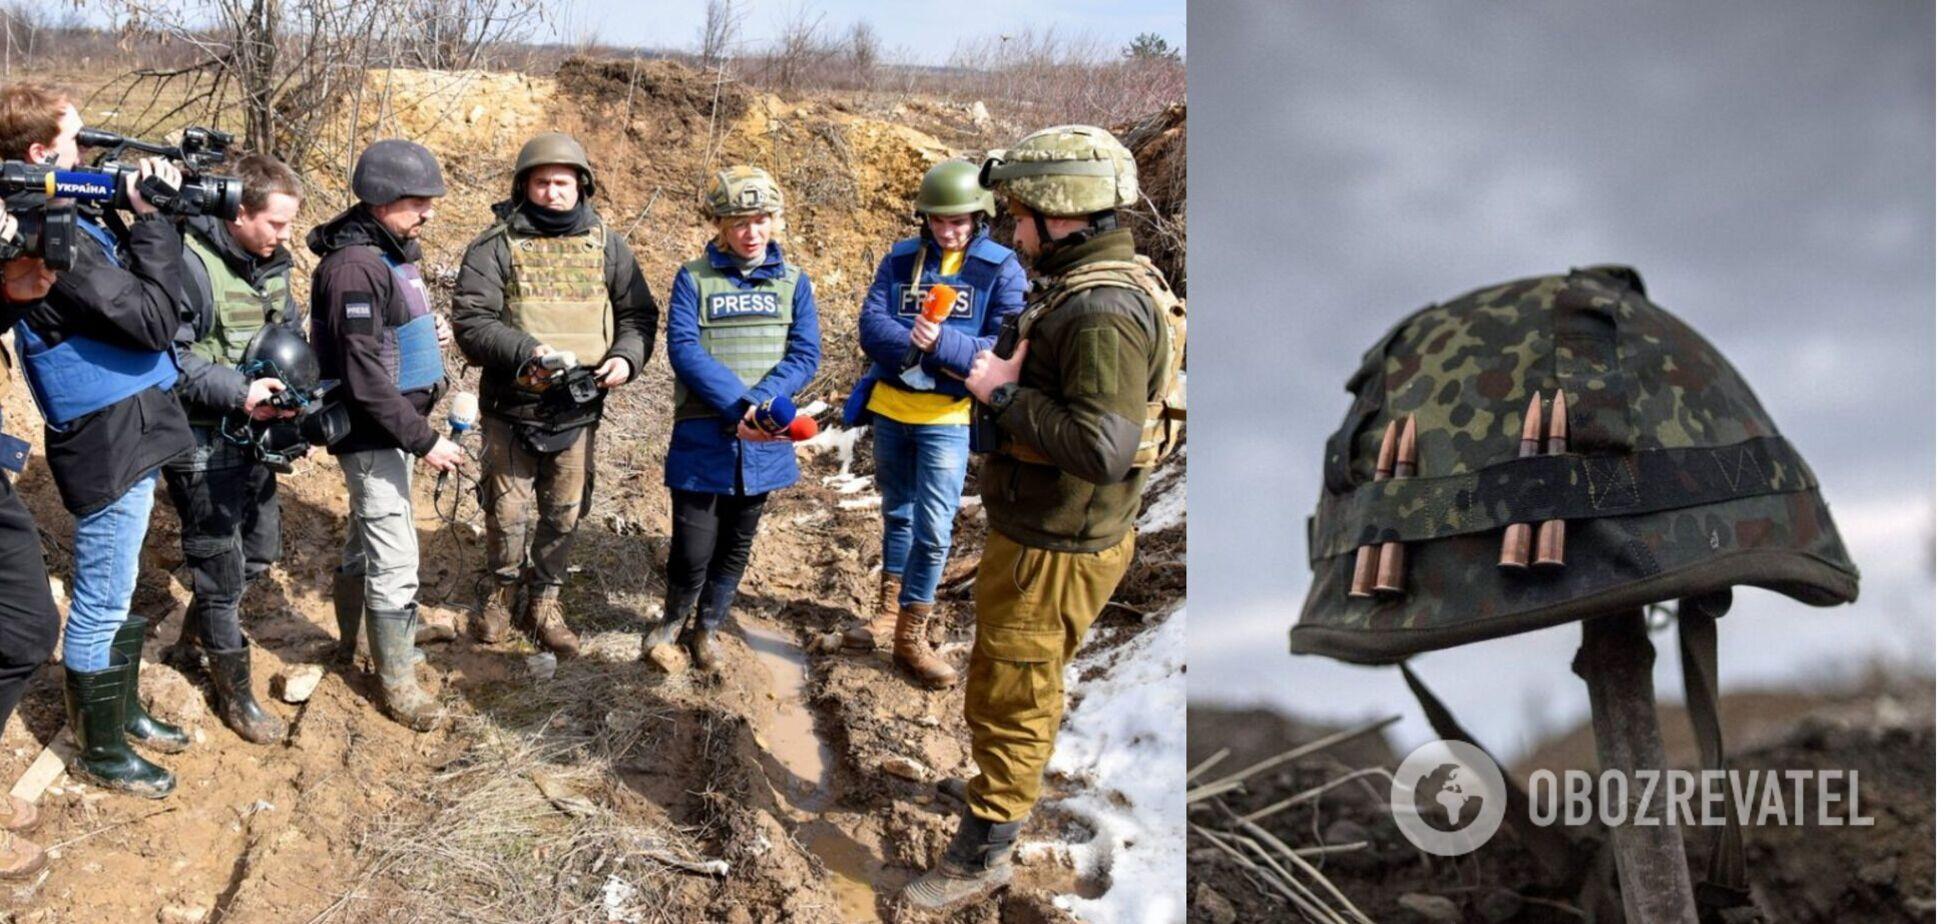 Військові ЗСУ – про обстріл під Шумами: це цинічне вбивство, ретельно спланована засідка